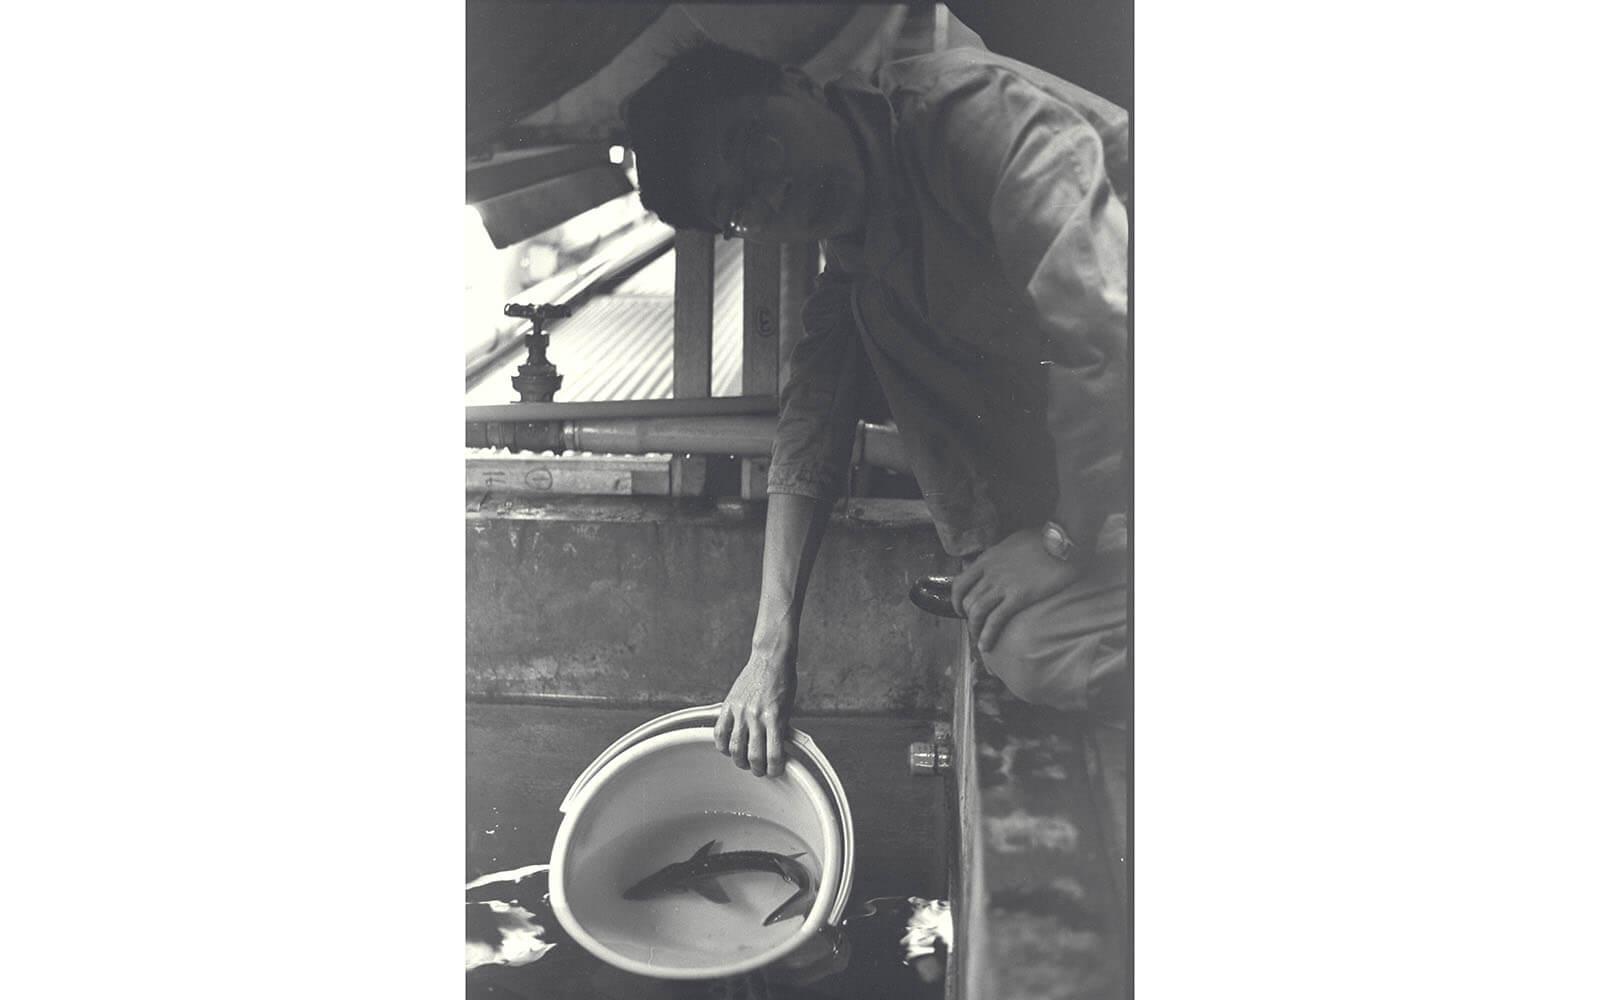 シロチョウザメを水槽へ移す職員